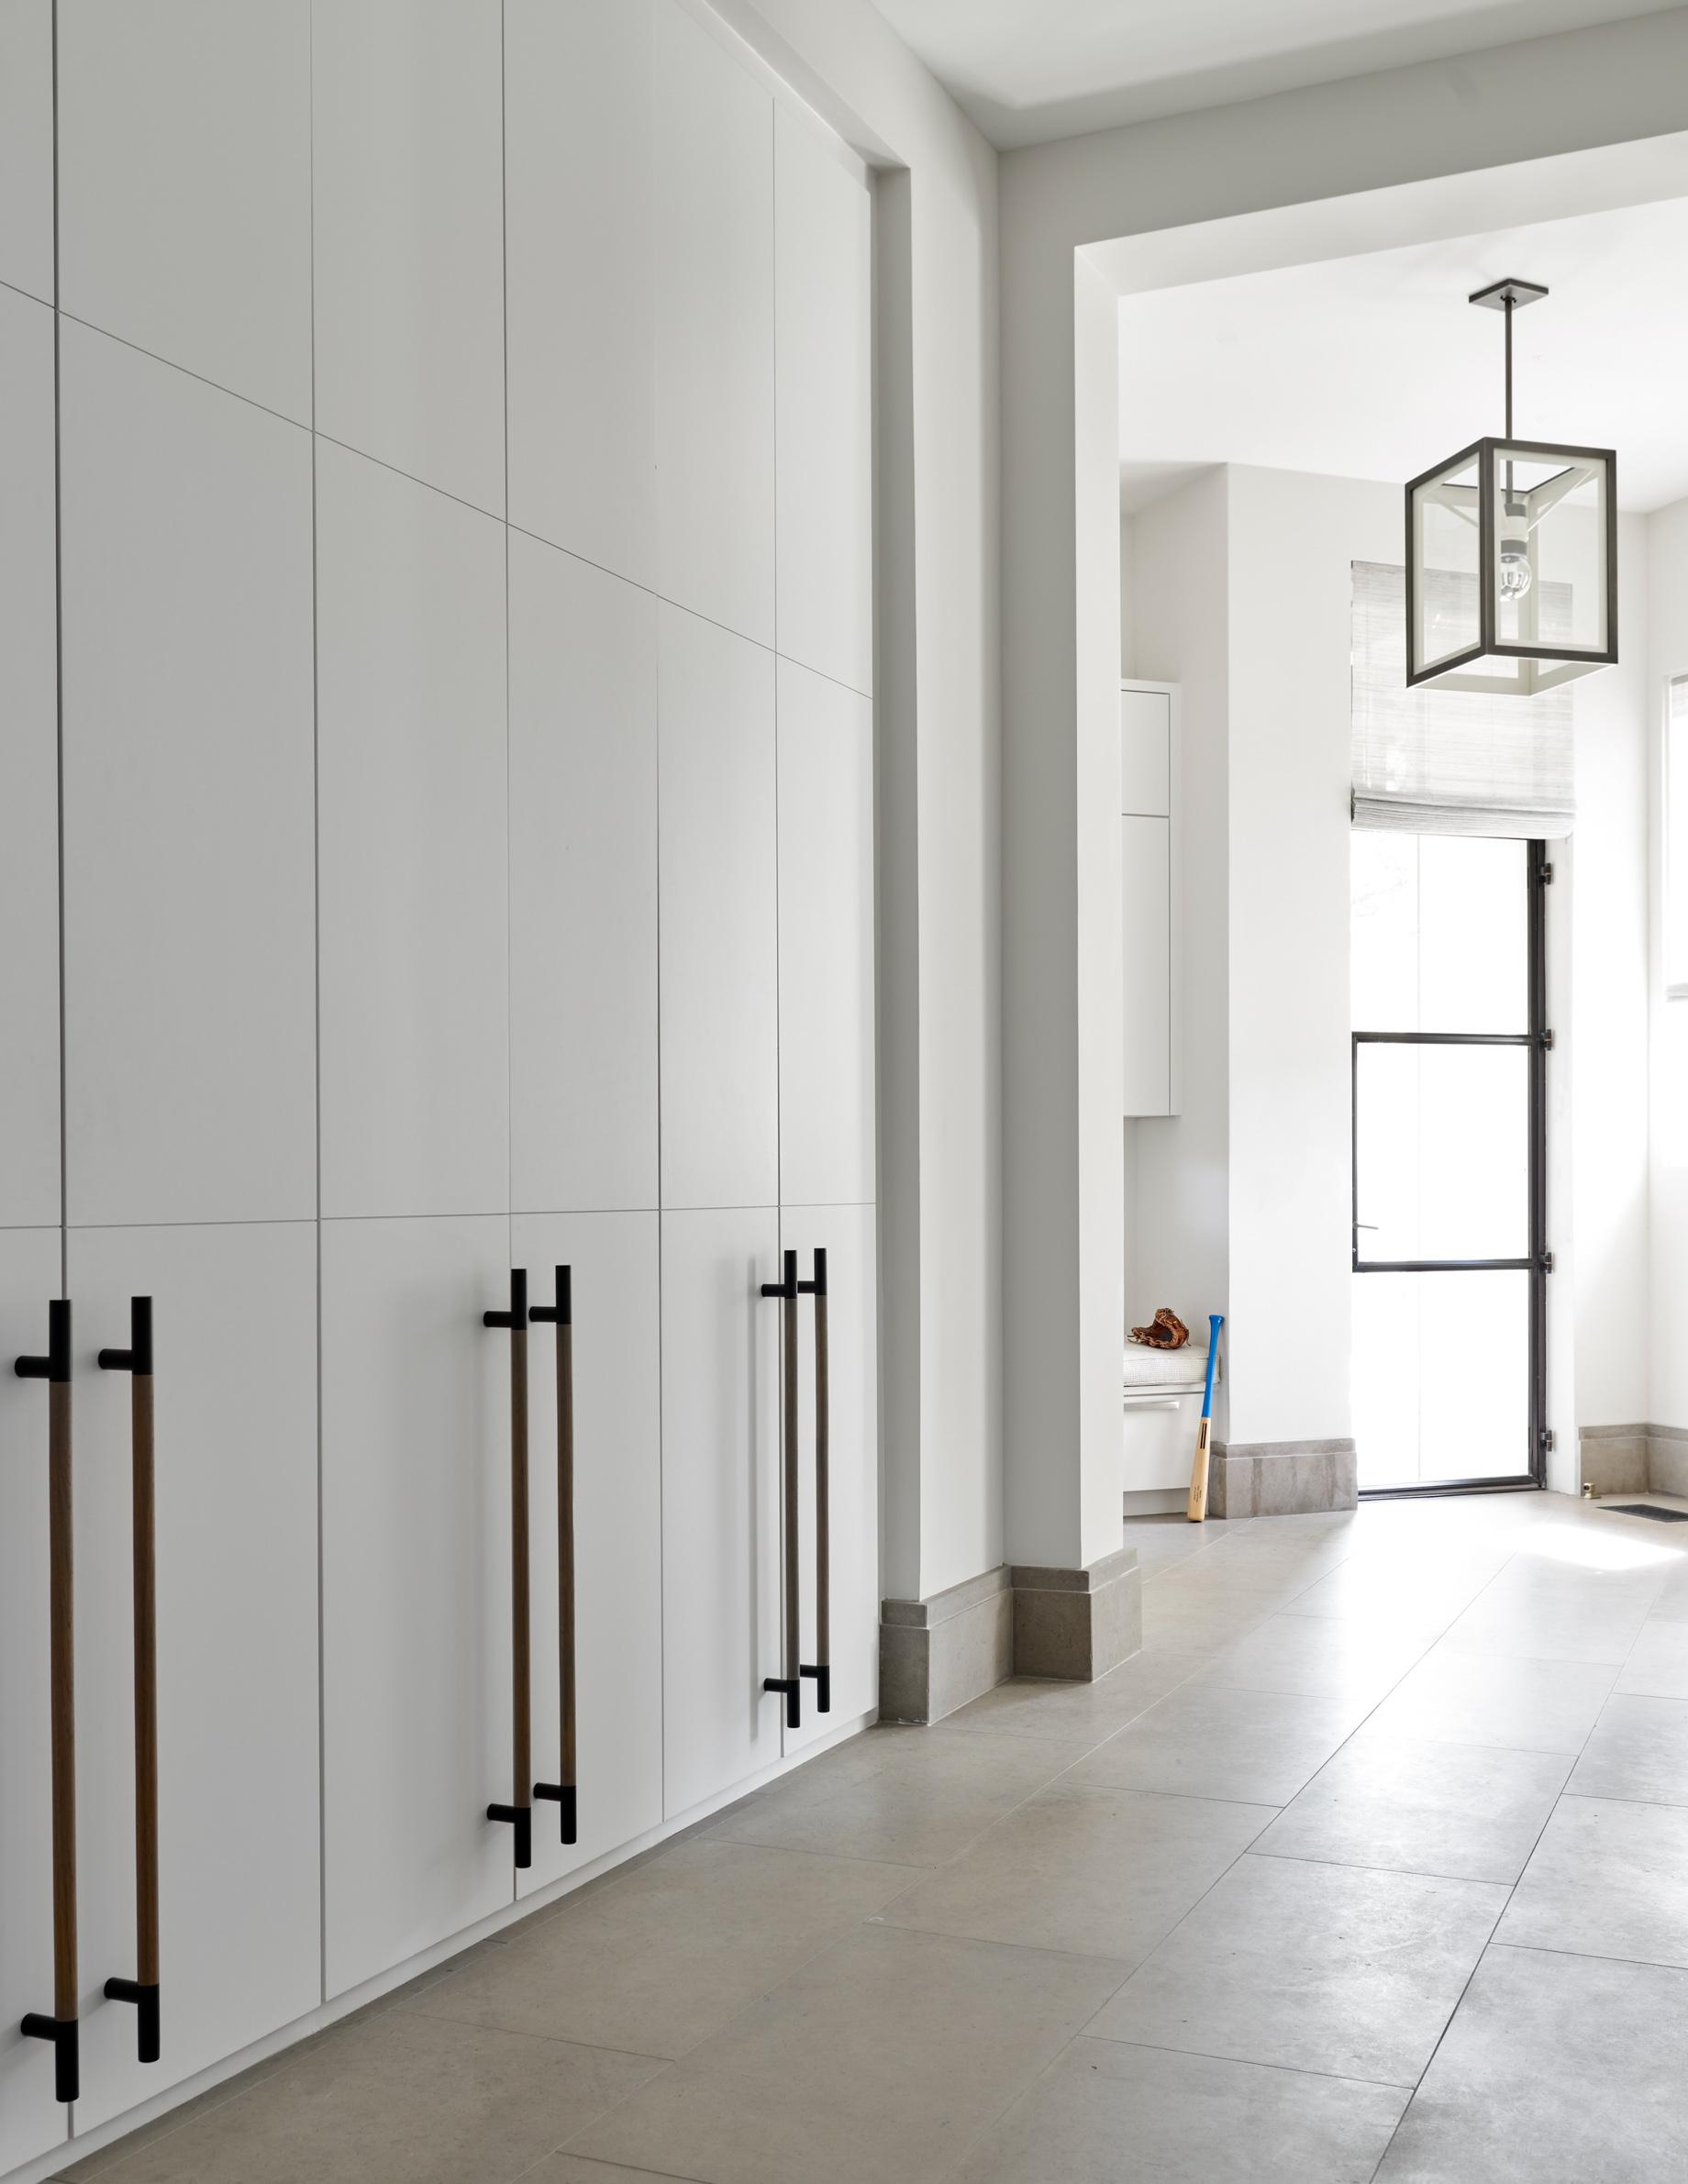 Deloache Ave Residence Interior Design Dallas, TX, USA – Allison Seidler